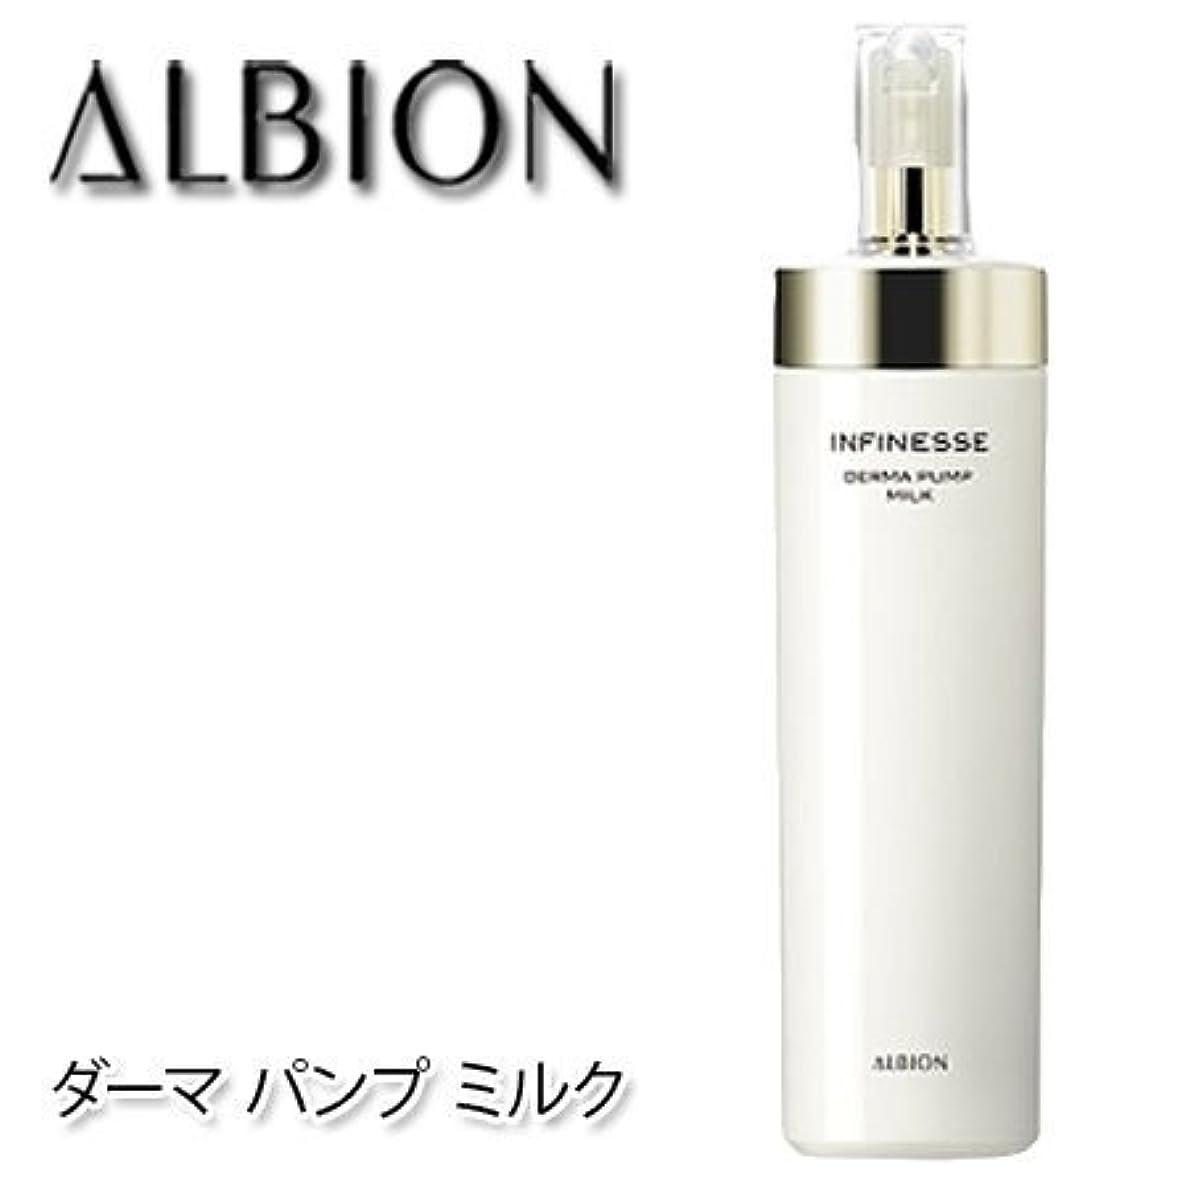 とは異なりハーフ息苦しいアルビオン アンフィネス ダーマ パンプ ミルク 200g-ALBION-